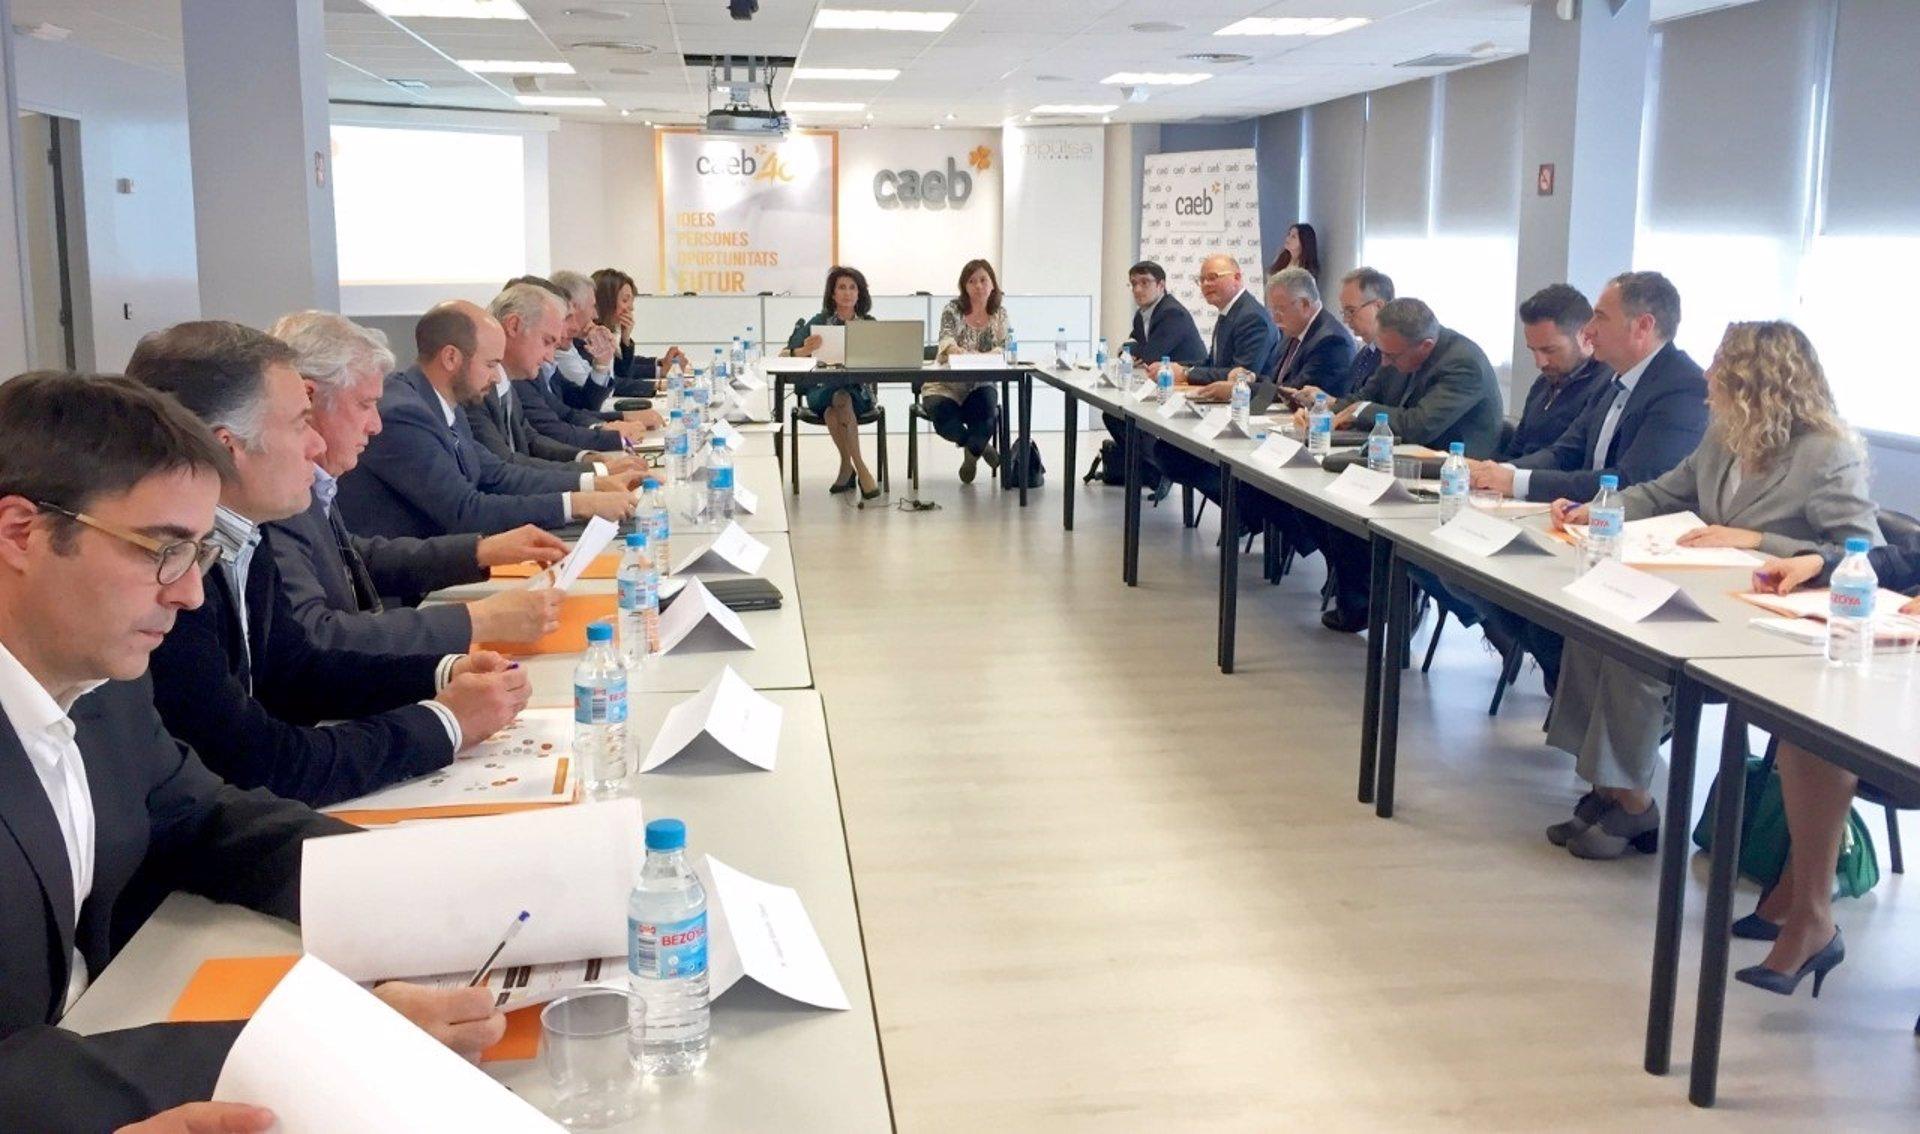 Impulsa Balears celebra la primera sesión ordinaria del año con la renovación de sus primeros patronos